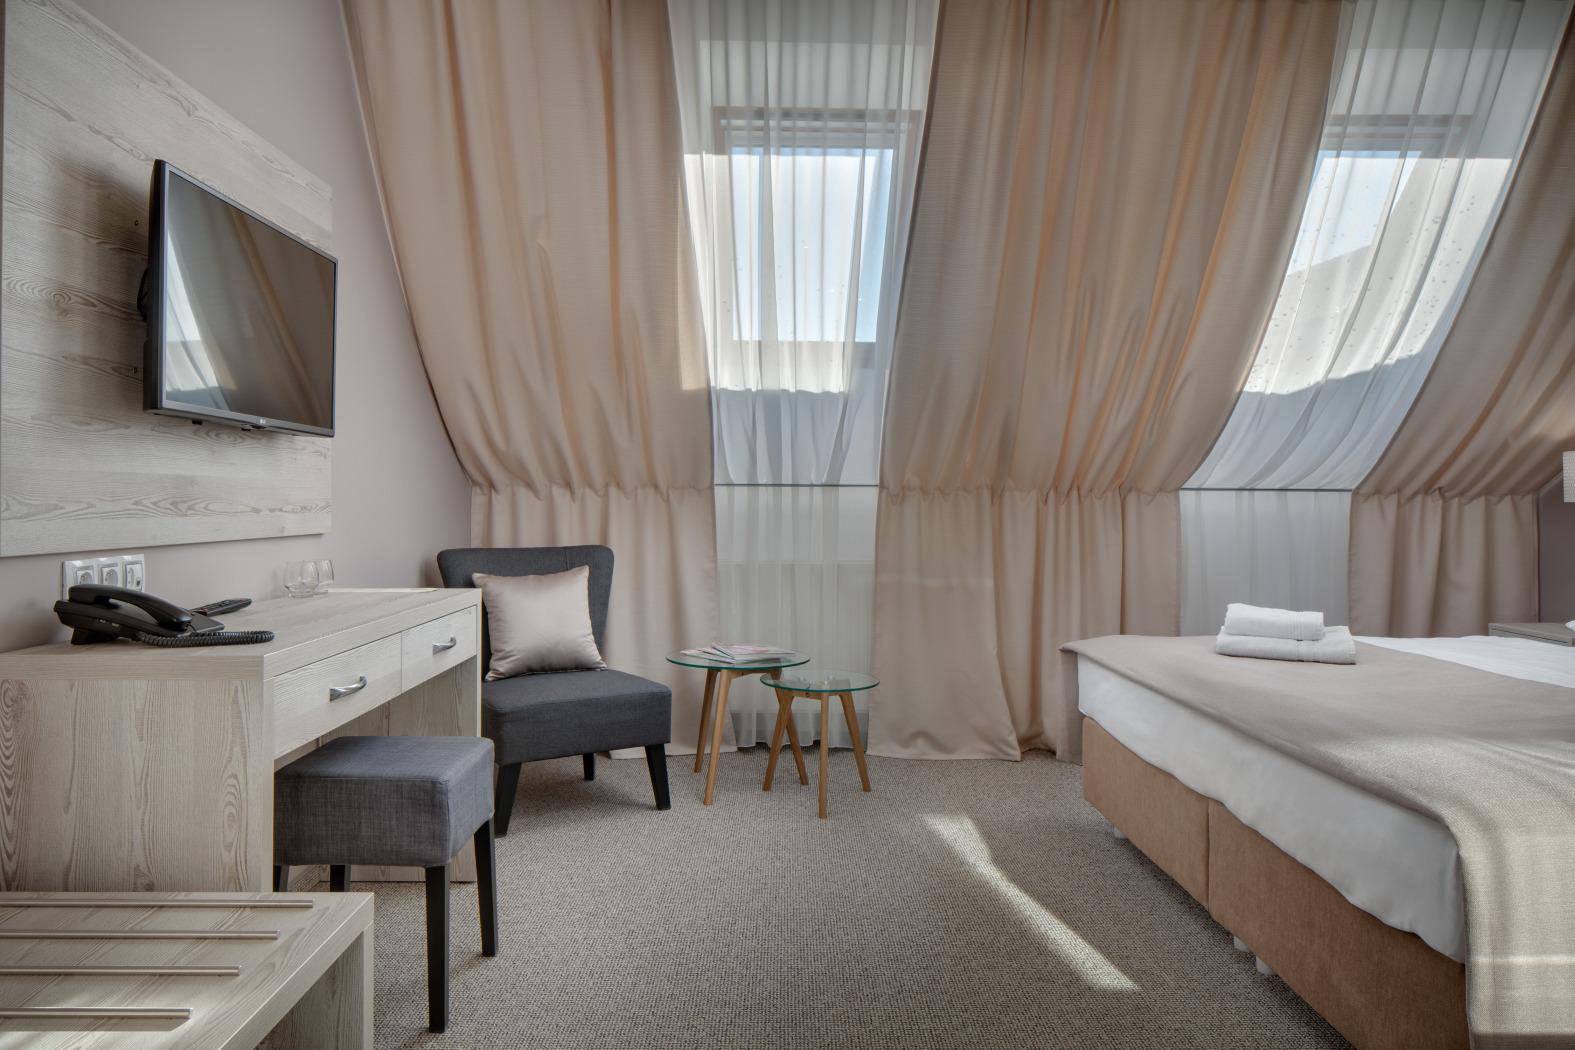 JPREROVSKY_HOTEL FLORENC_ROOM 501_16A4660